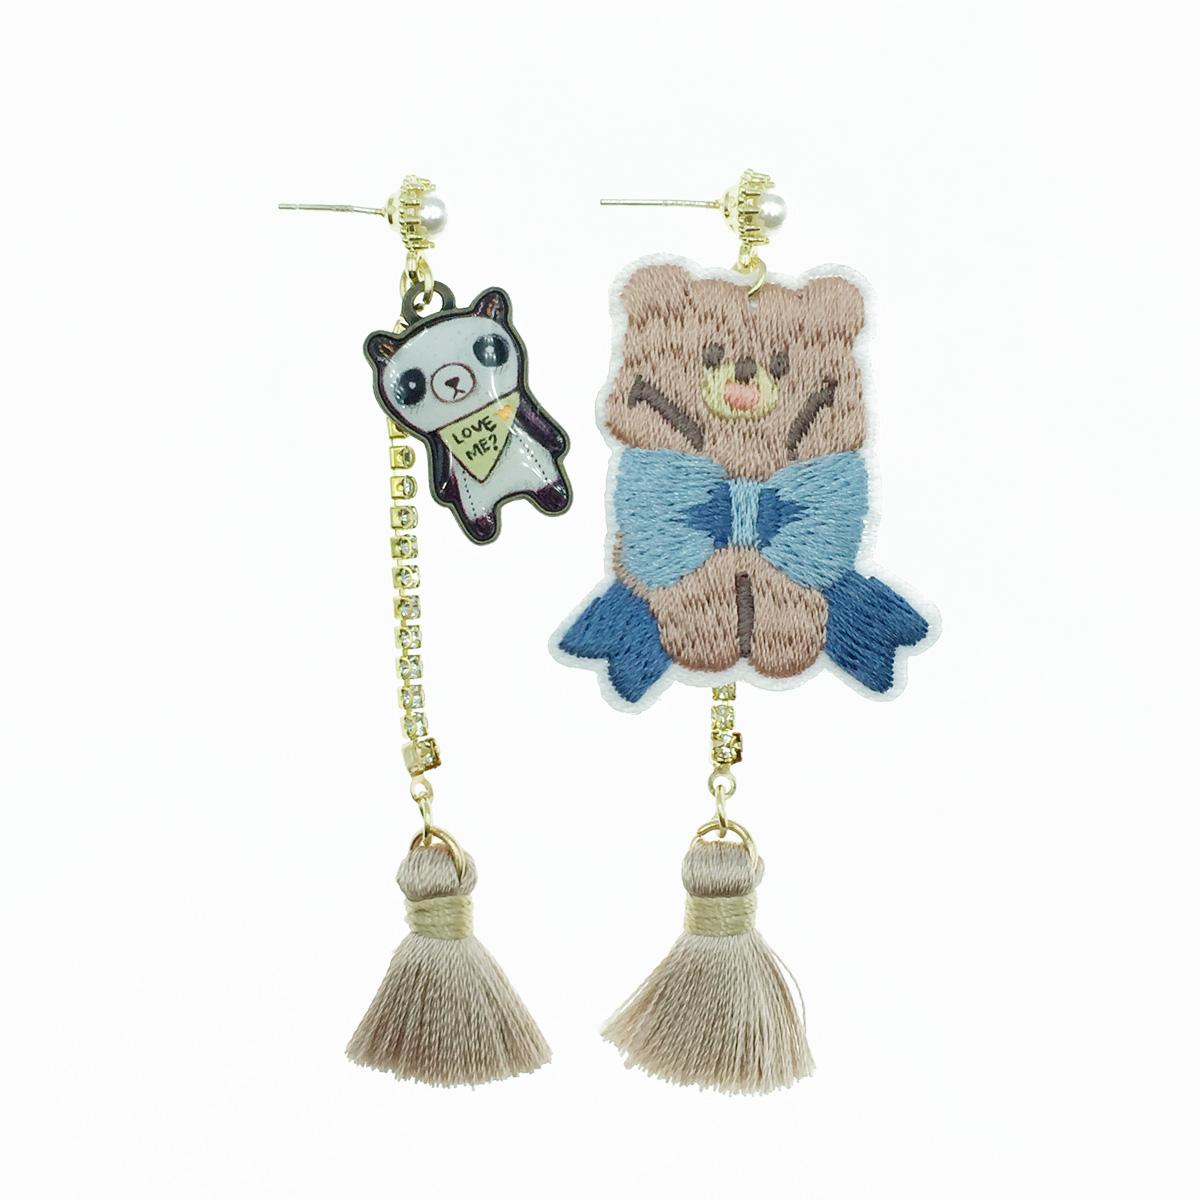 韓國 925純銀 熊 蝴蝶結 珍珠水鑽流蘇 燙布貼 垂墜感 耳針式耳環